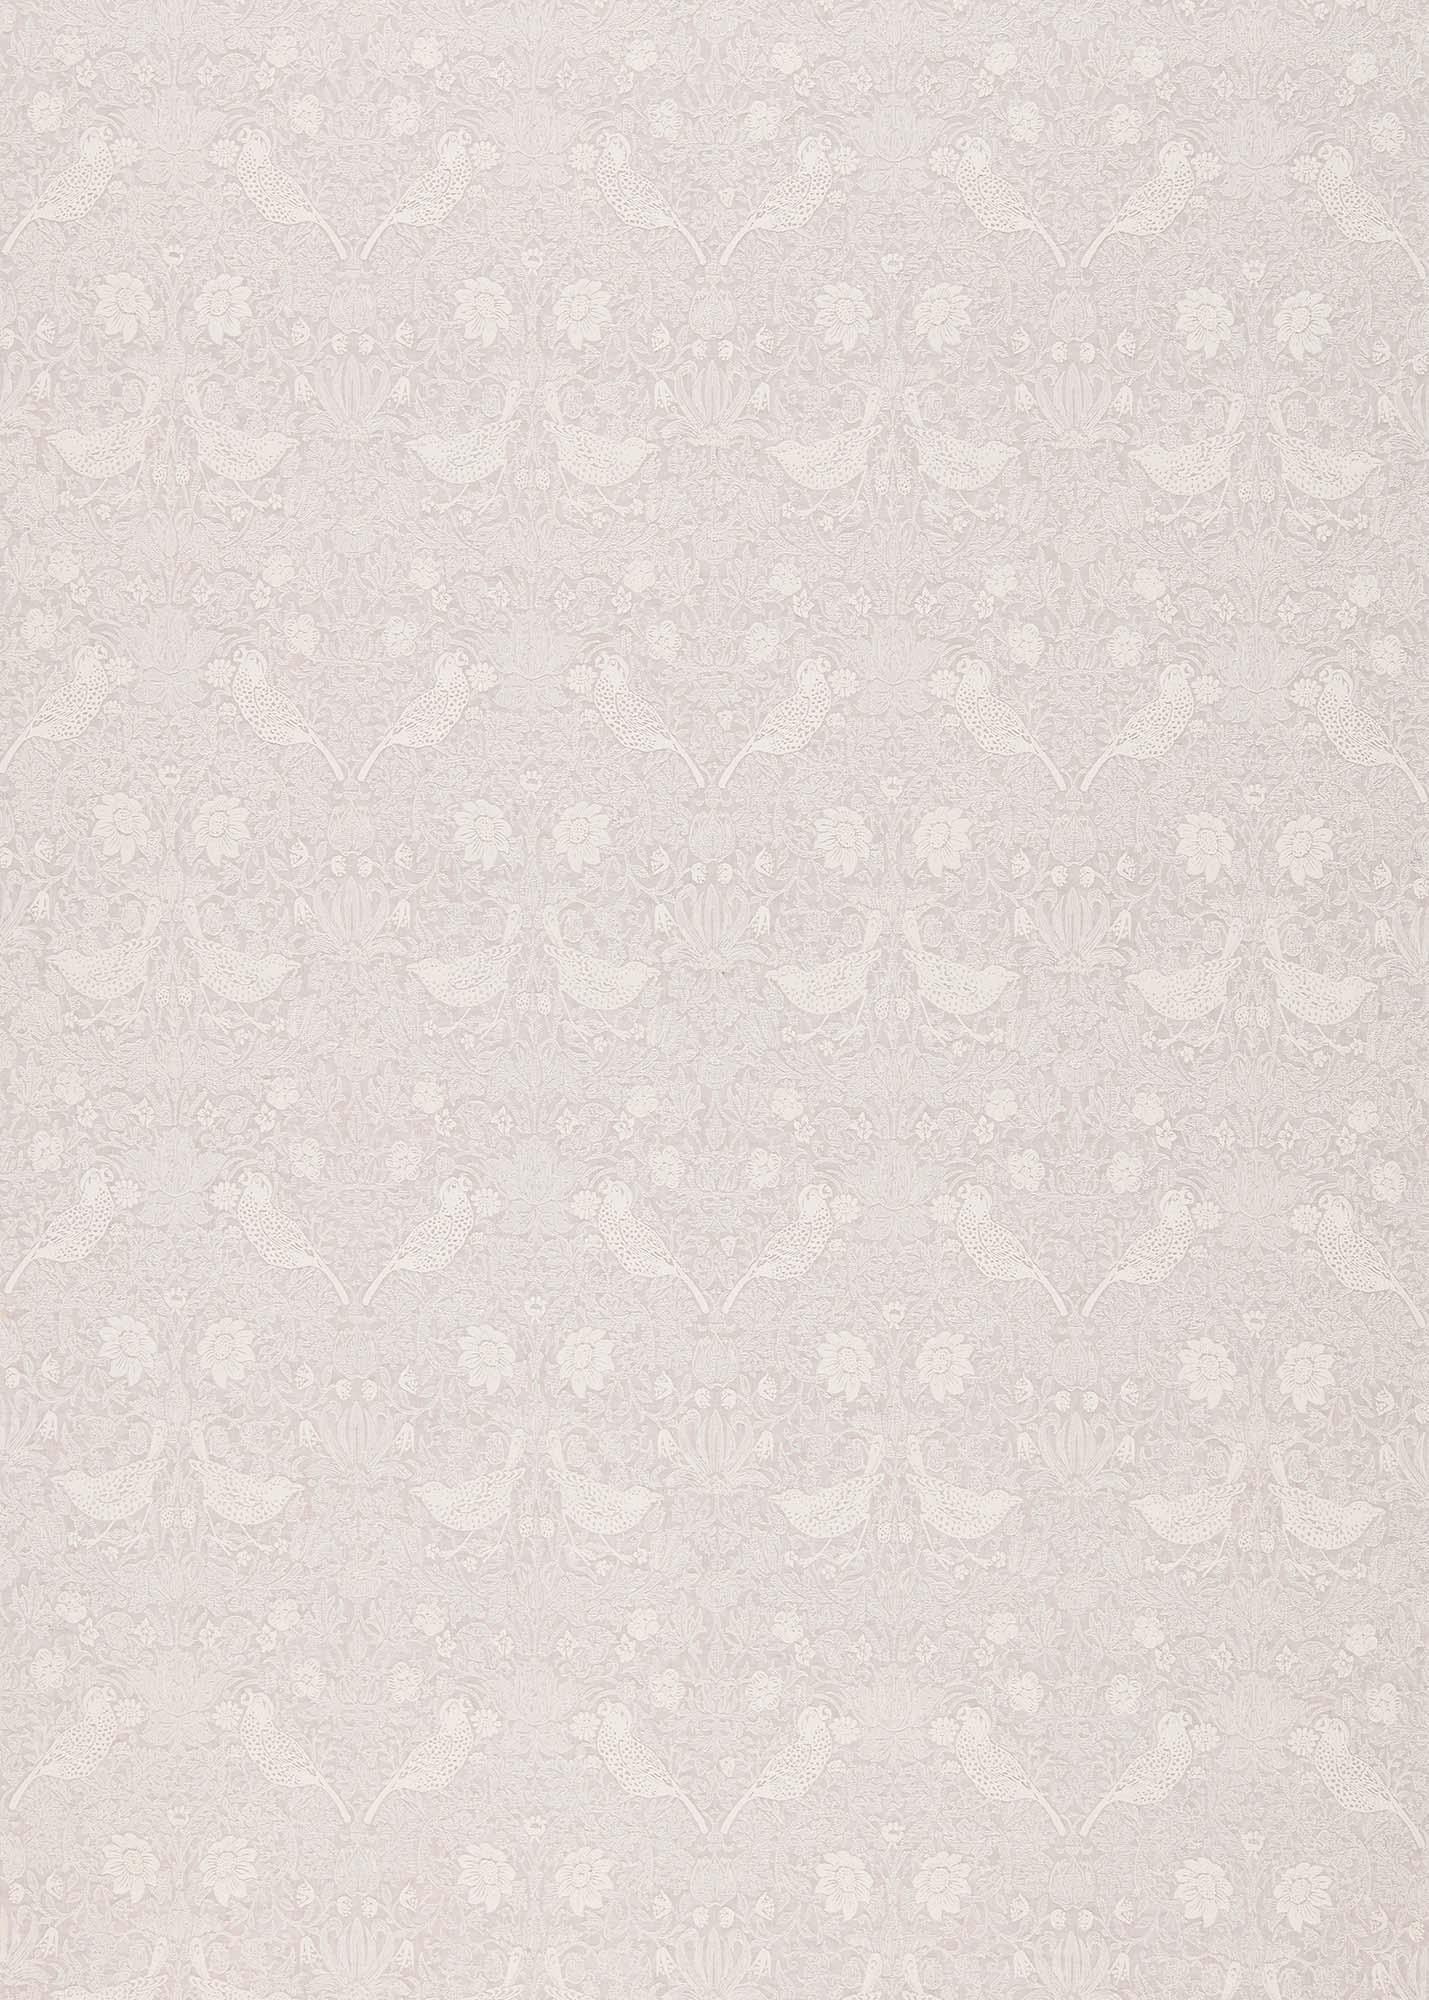 ウィリアムモリス生地 Pure Strawberry Thief Embroidery 236073